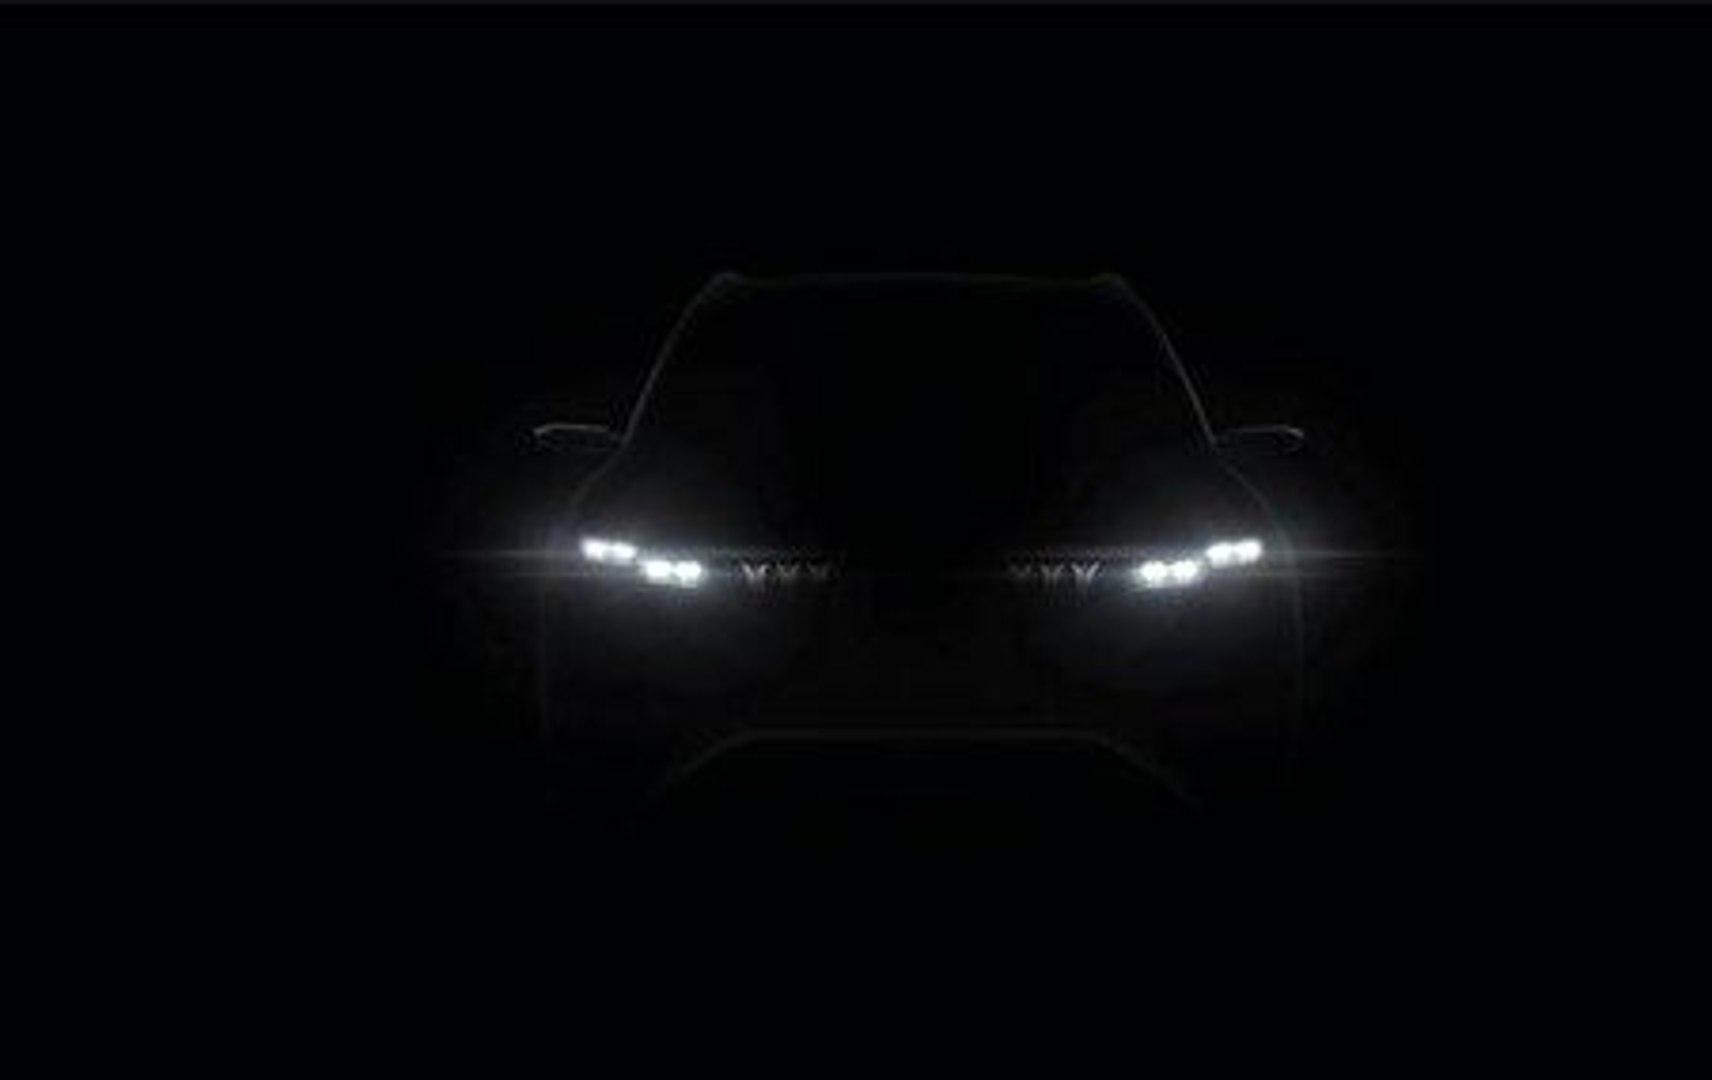 Son dakika: Yerli otomobile ait yeni bir detay daha ortaya çıktı